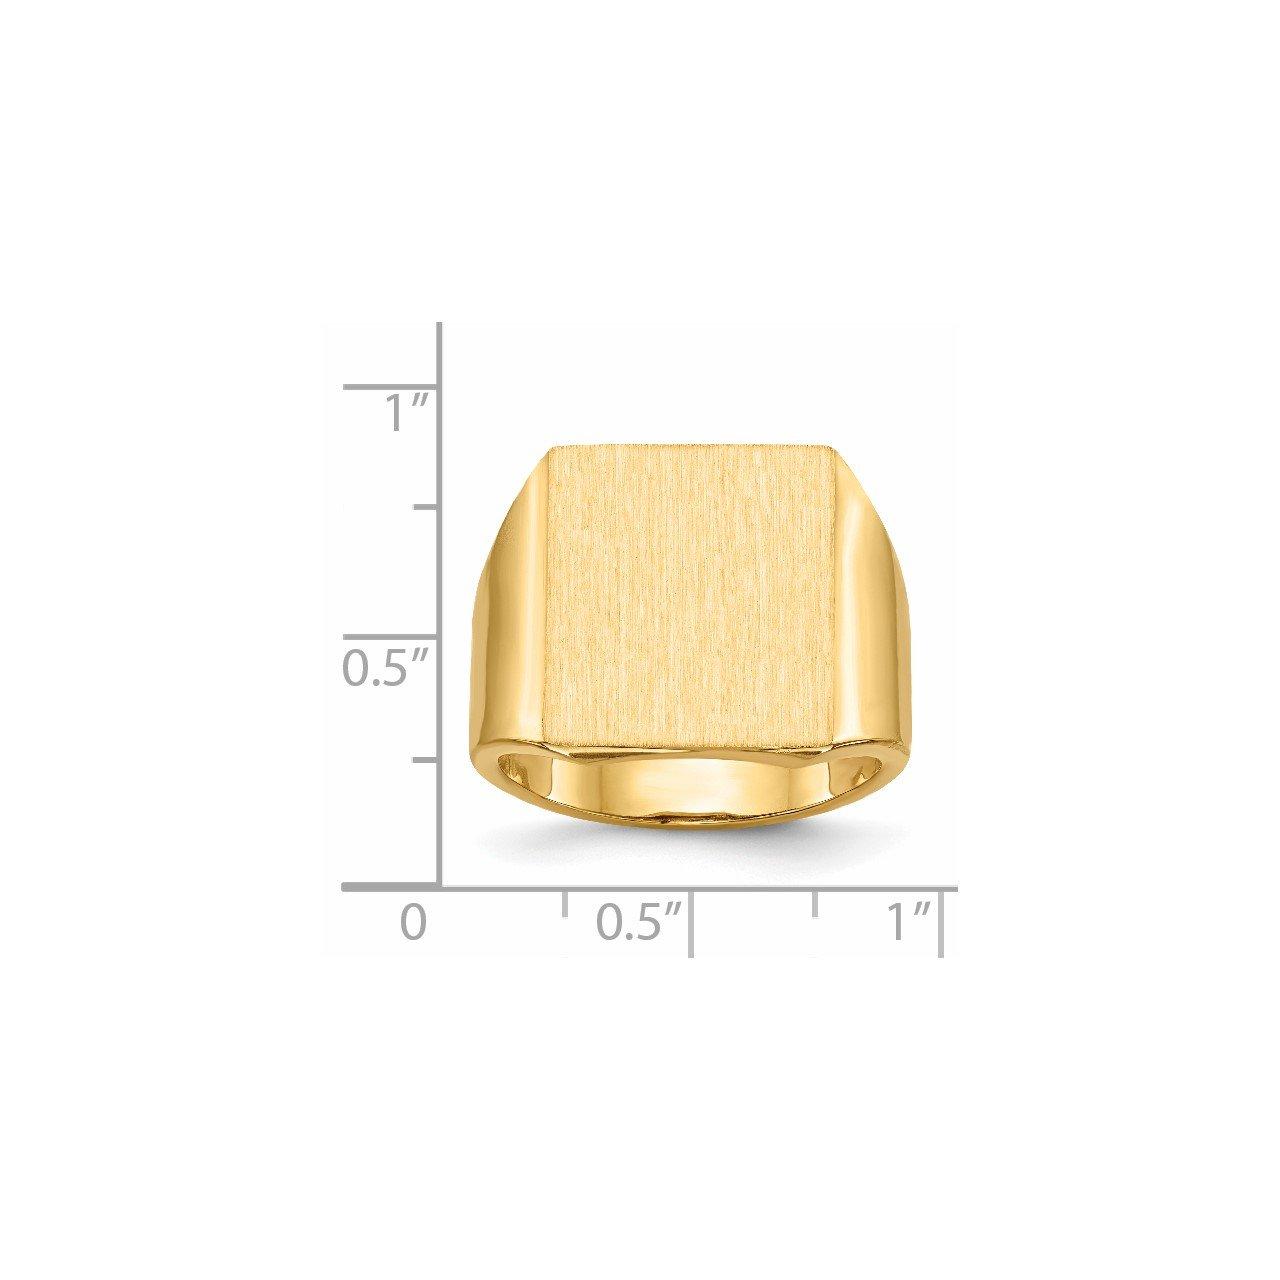 14k 17.5x15.5mm Open Back Mens Signet Ring-4